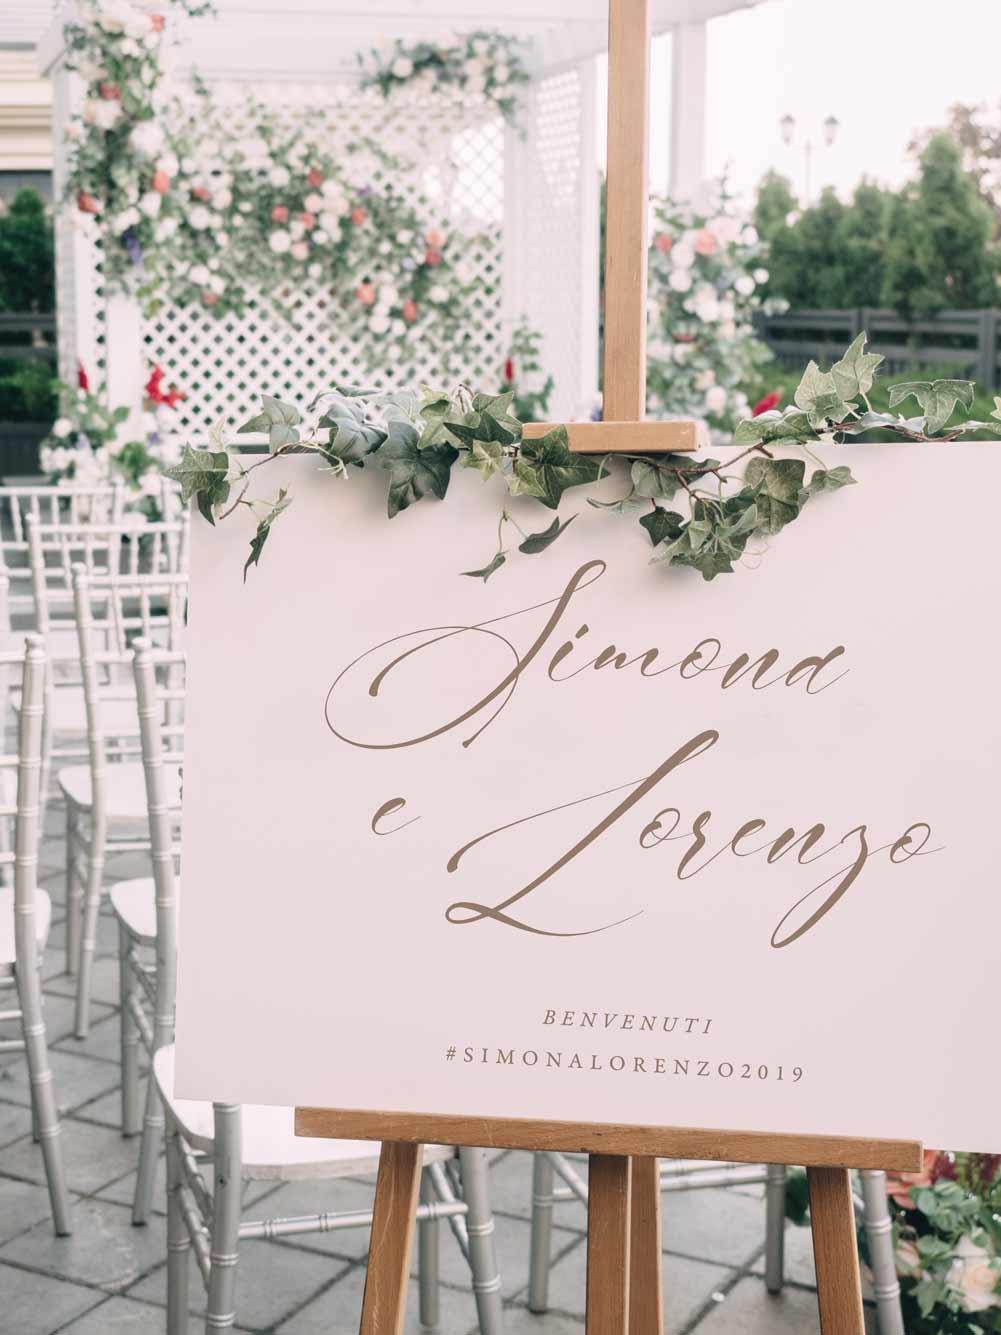 Welcome-sign-cavalletto-Cartello-di-benvenuto-matrimonio-nozze-wedding